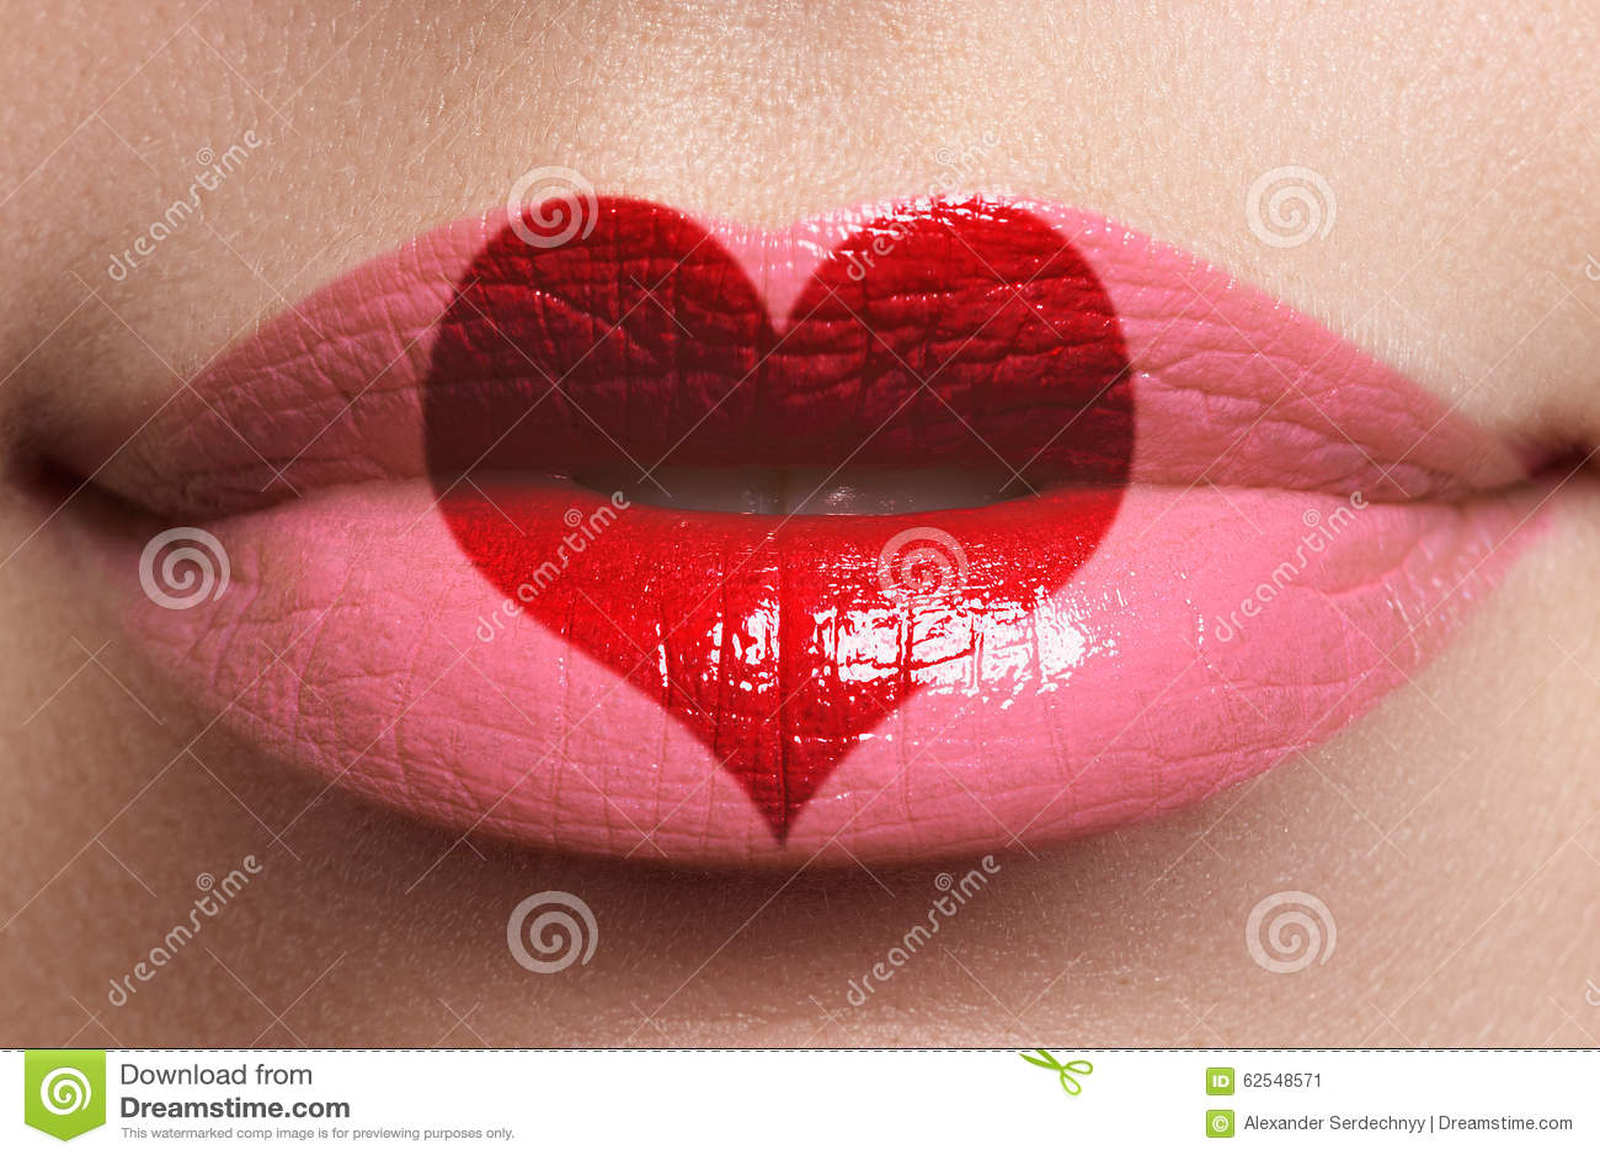 Kierowy buziak na wargach Piękno seksowne pełne wargi z kierowym kształtem malują czerwona róża pięknie się Pomadka i Lipgloss